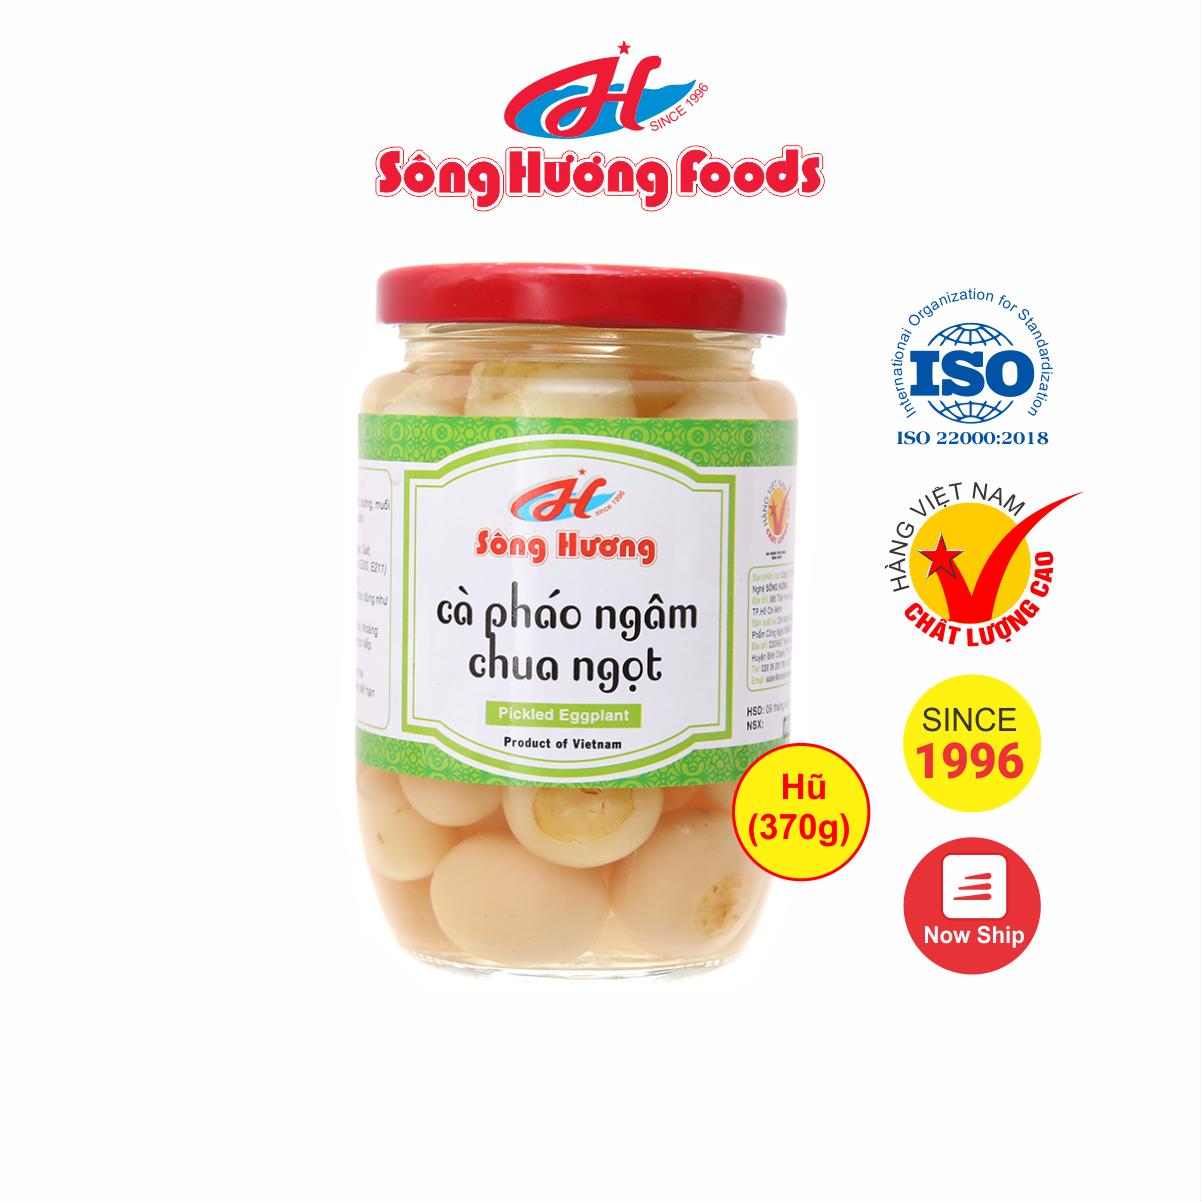 Cà Pháo Muối Ngâm Chua Ngọt Sông Hương Foods Hũ 370g